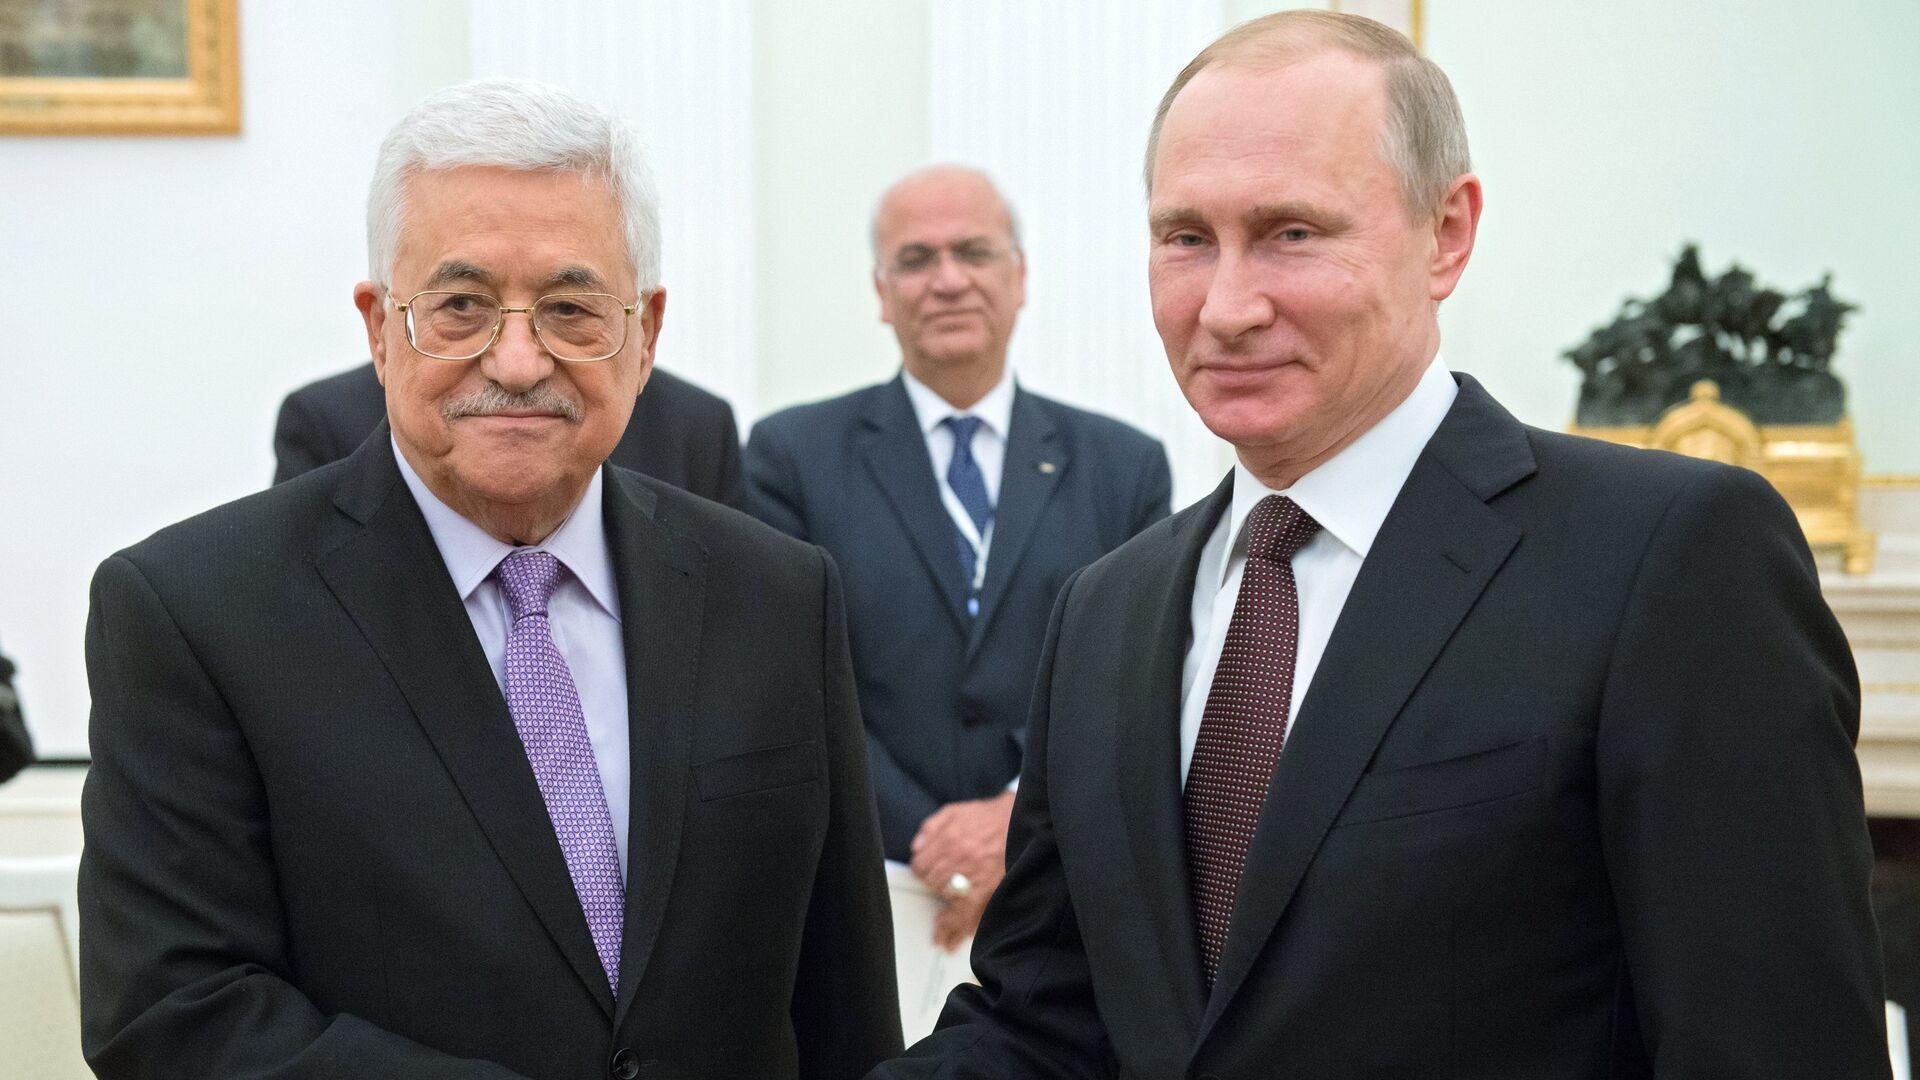 Президент РФ В. Путин встретился с главой Палестины М. Аббасом - РИА Новости, 1920, 05.05.2021